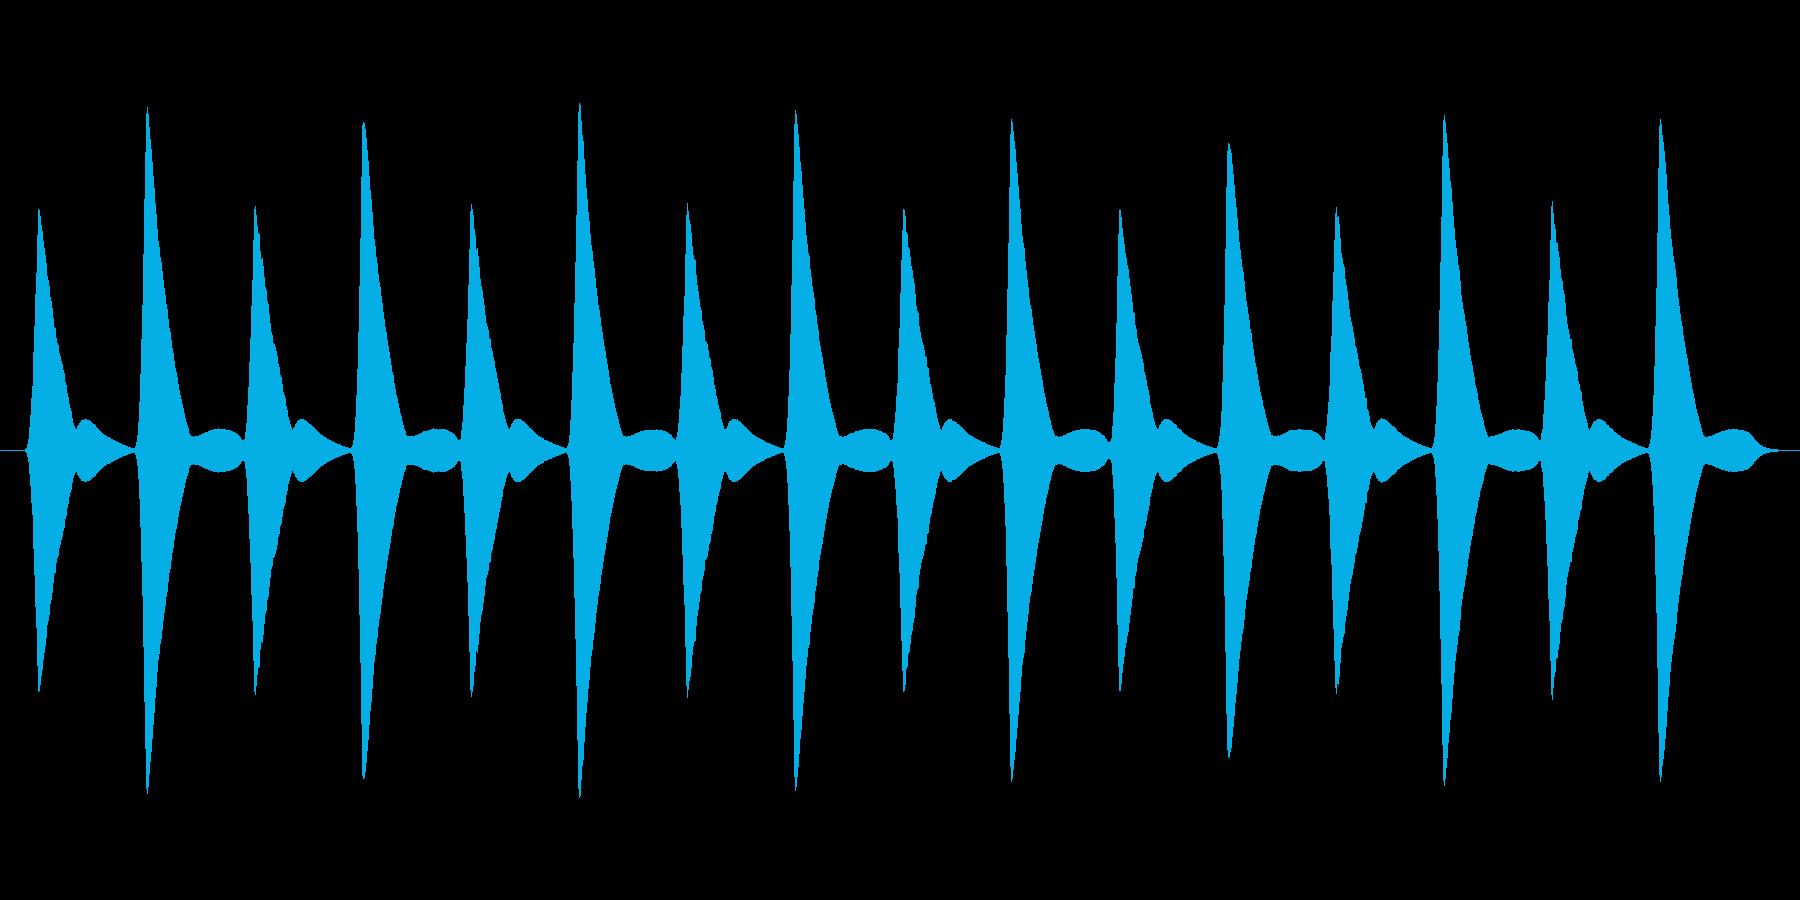 【ピヨった音】ぴよぴよぴよぴよの再生済みの波形